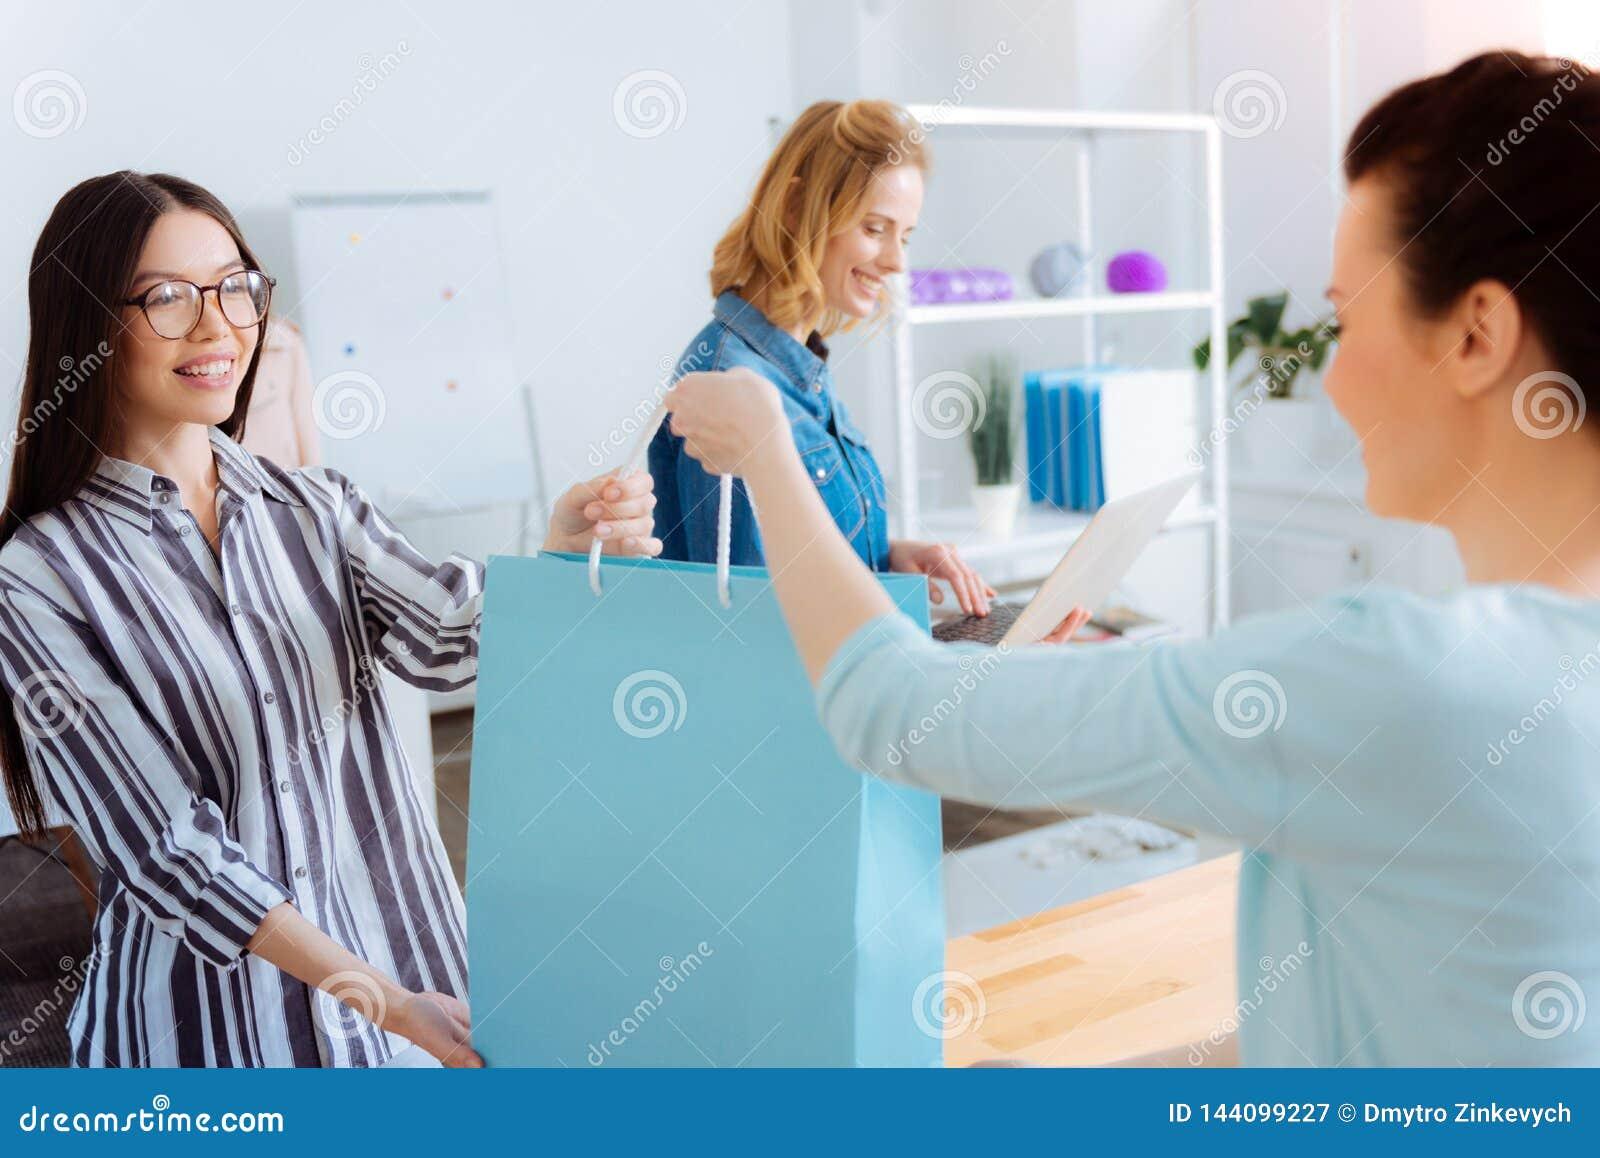 Zadowolony żeński patrzeje młody konsultant